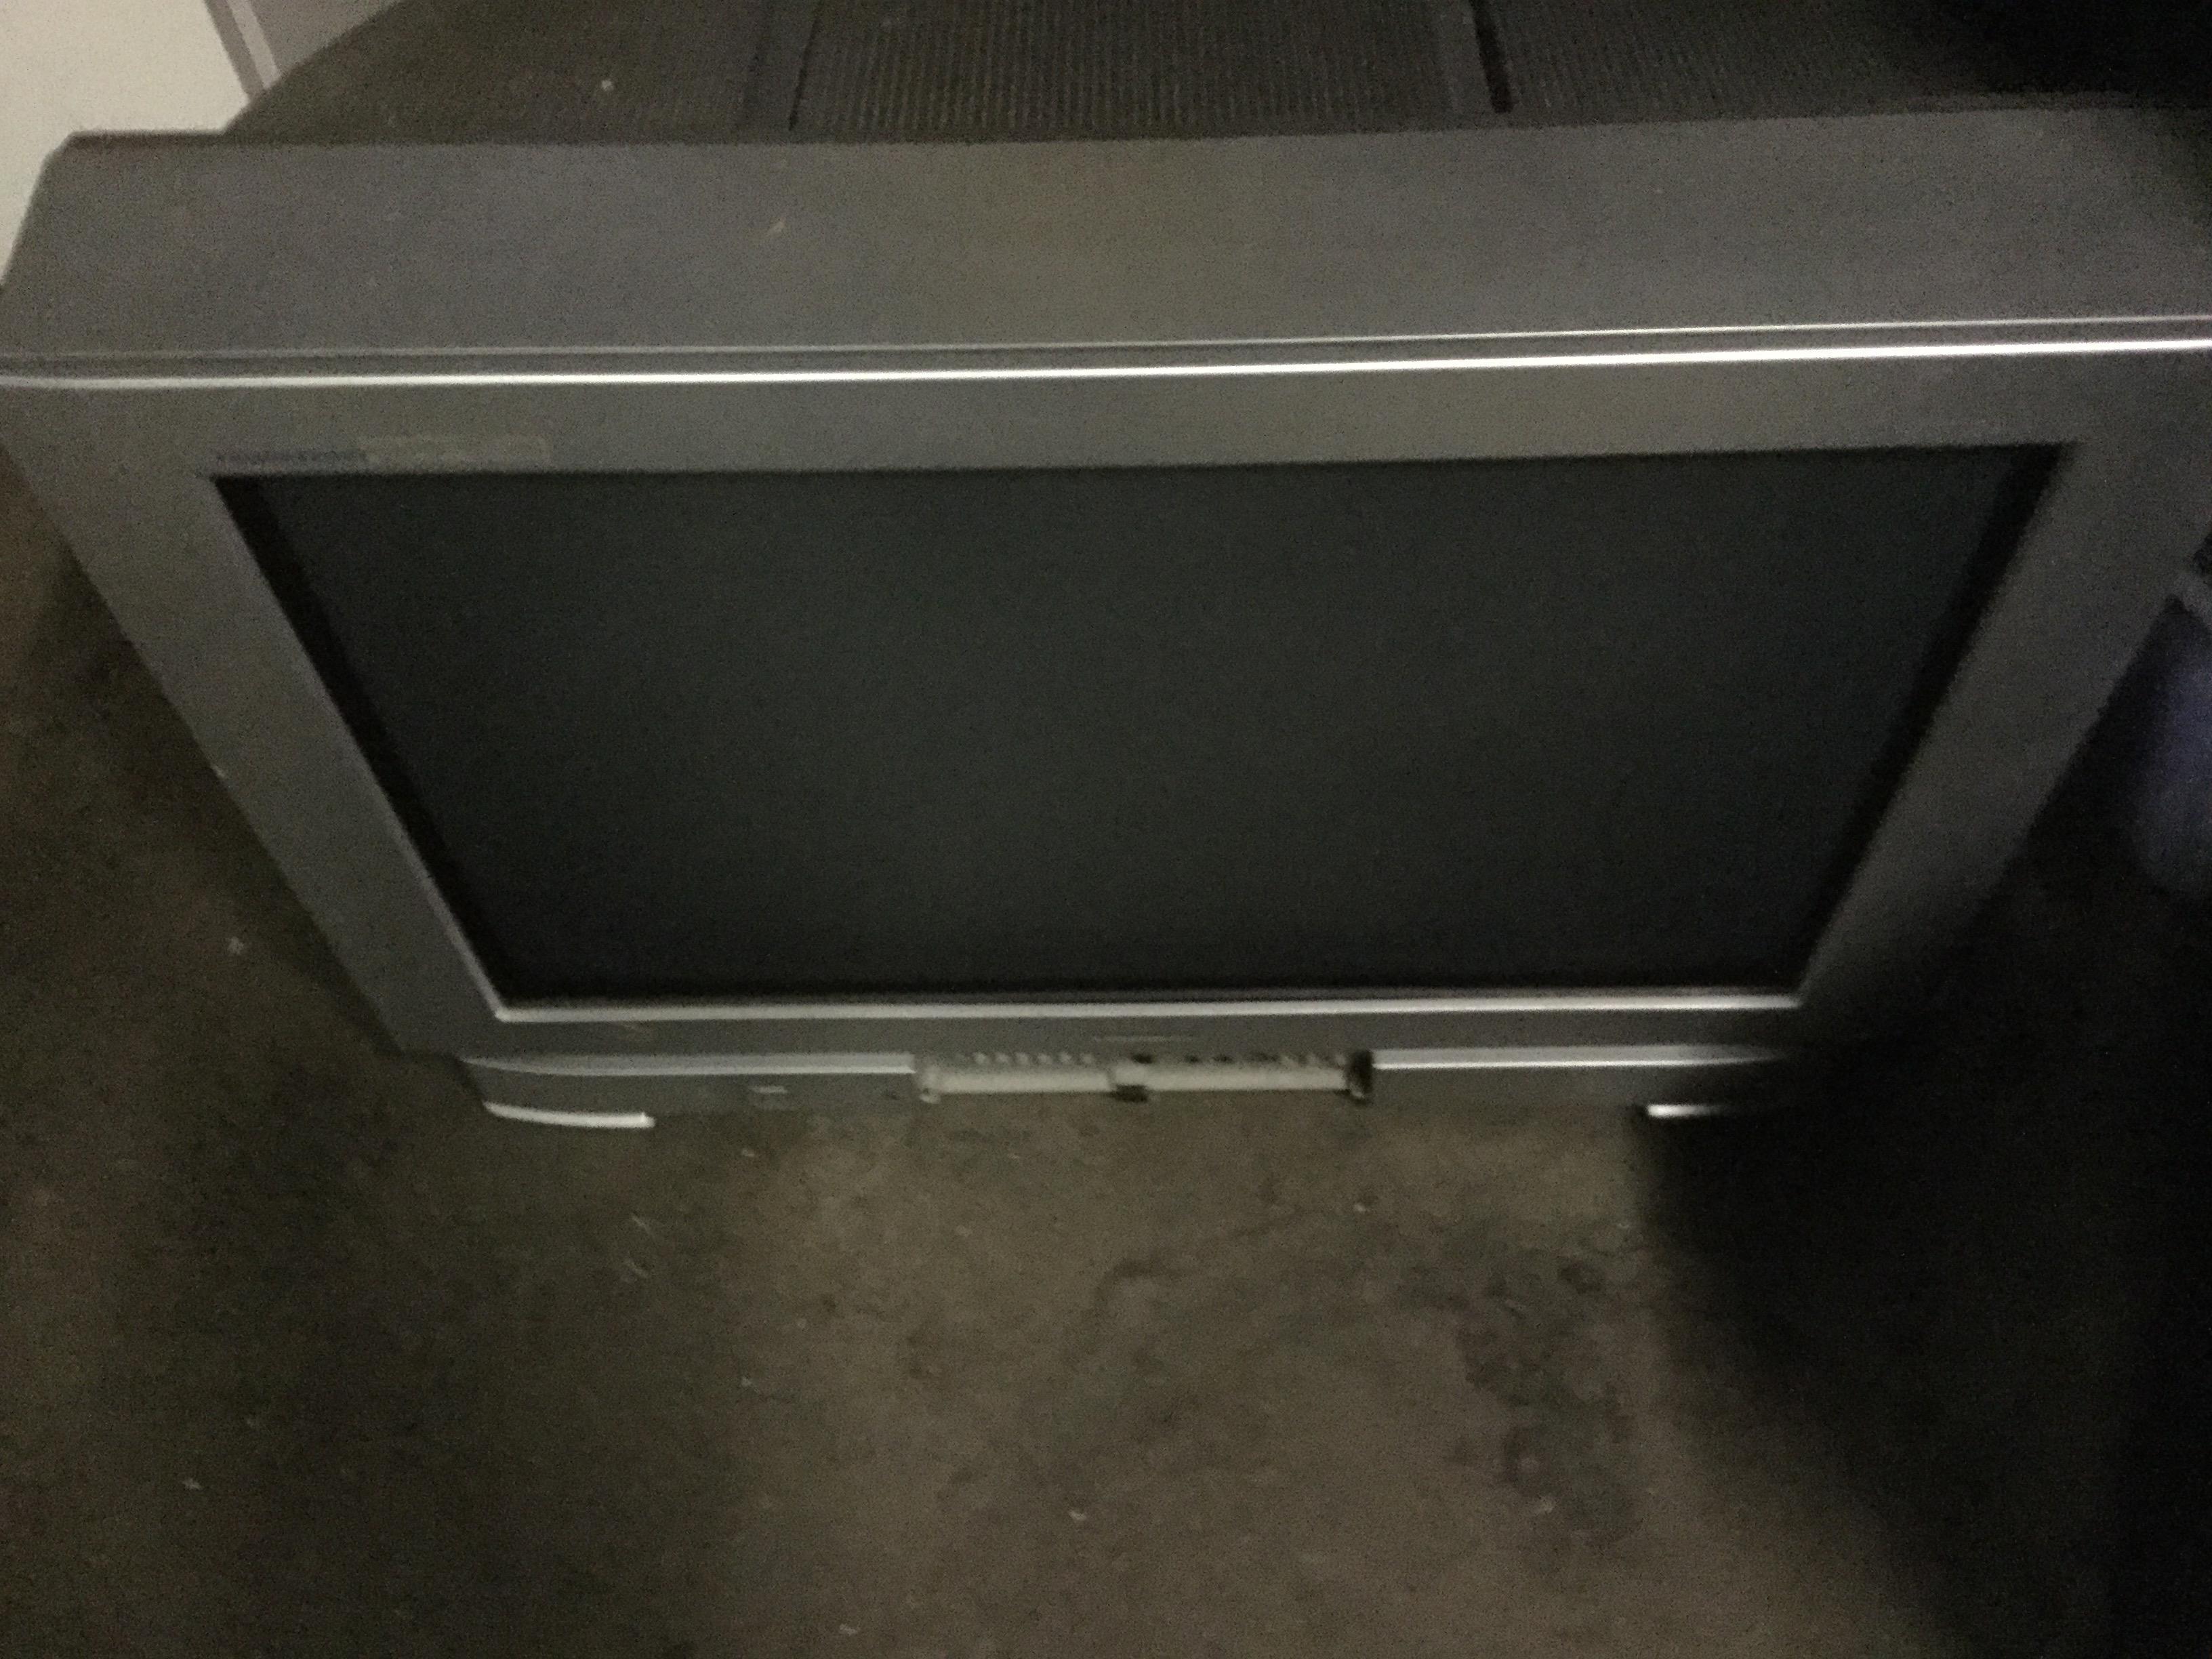 岡山市南区でブラウン管テレビの回収・処分